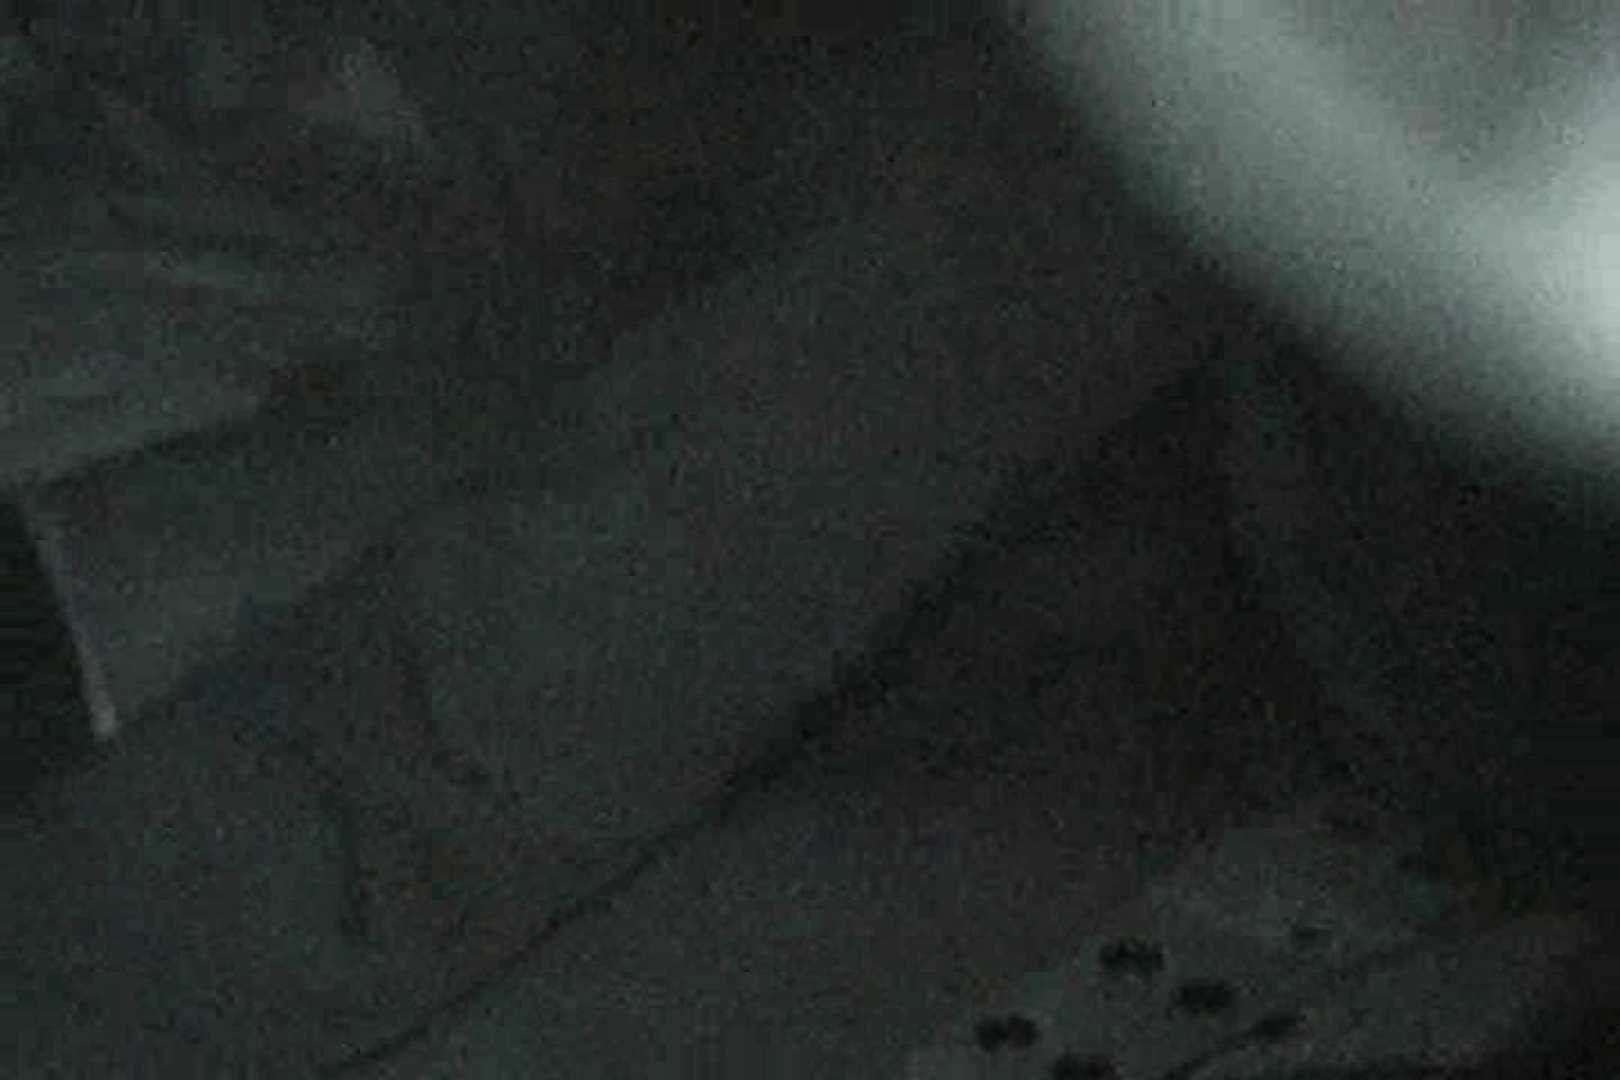 充血監督の深夜の運動会Vol.2 美しいOLの裸体  84pic 20